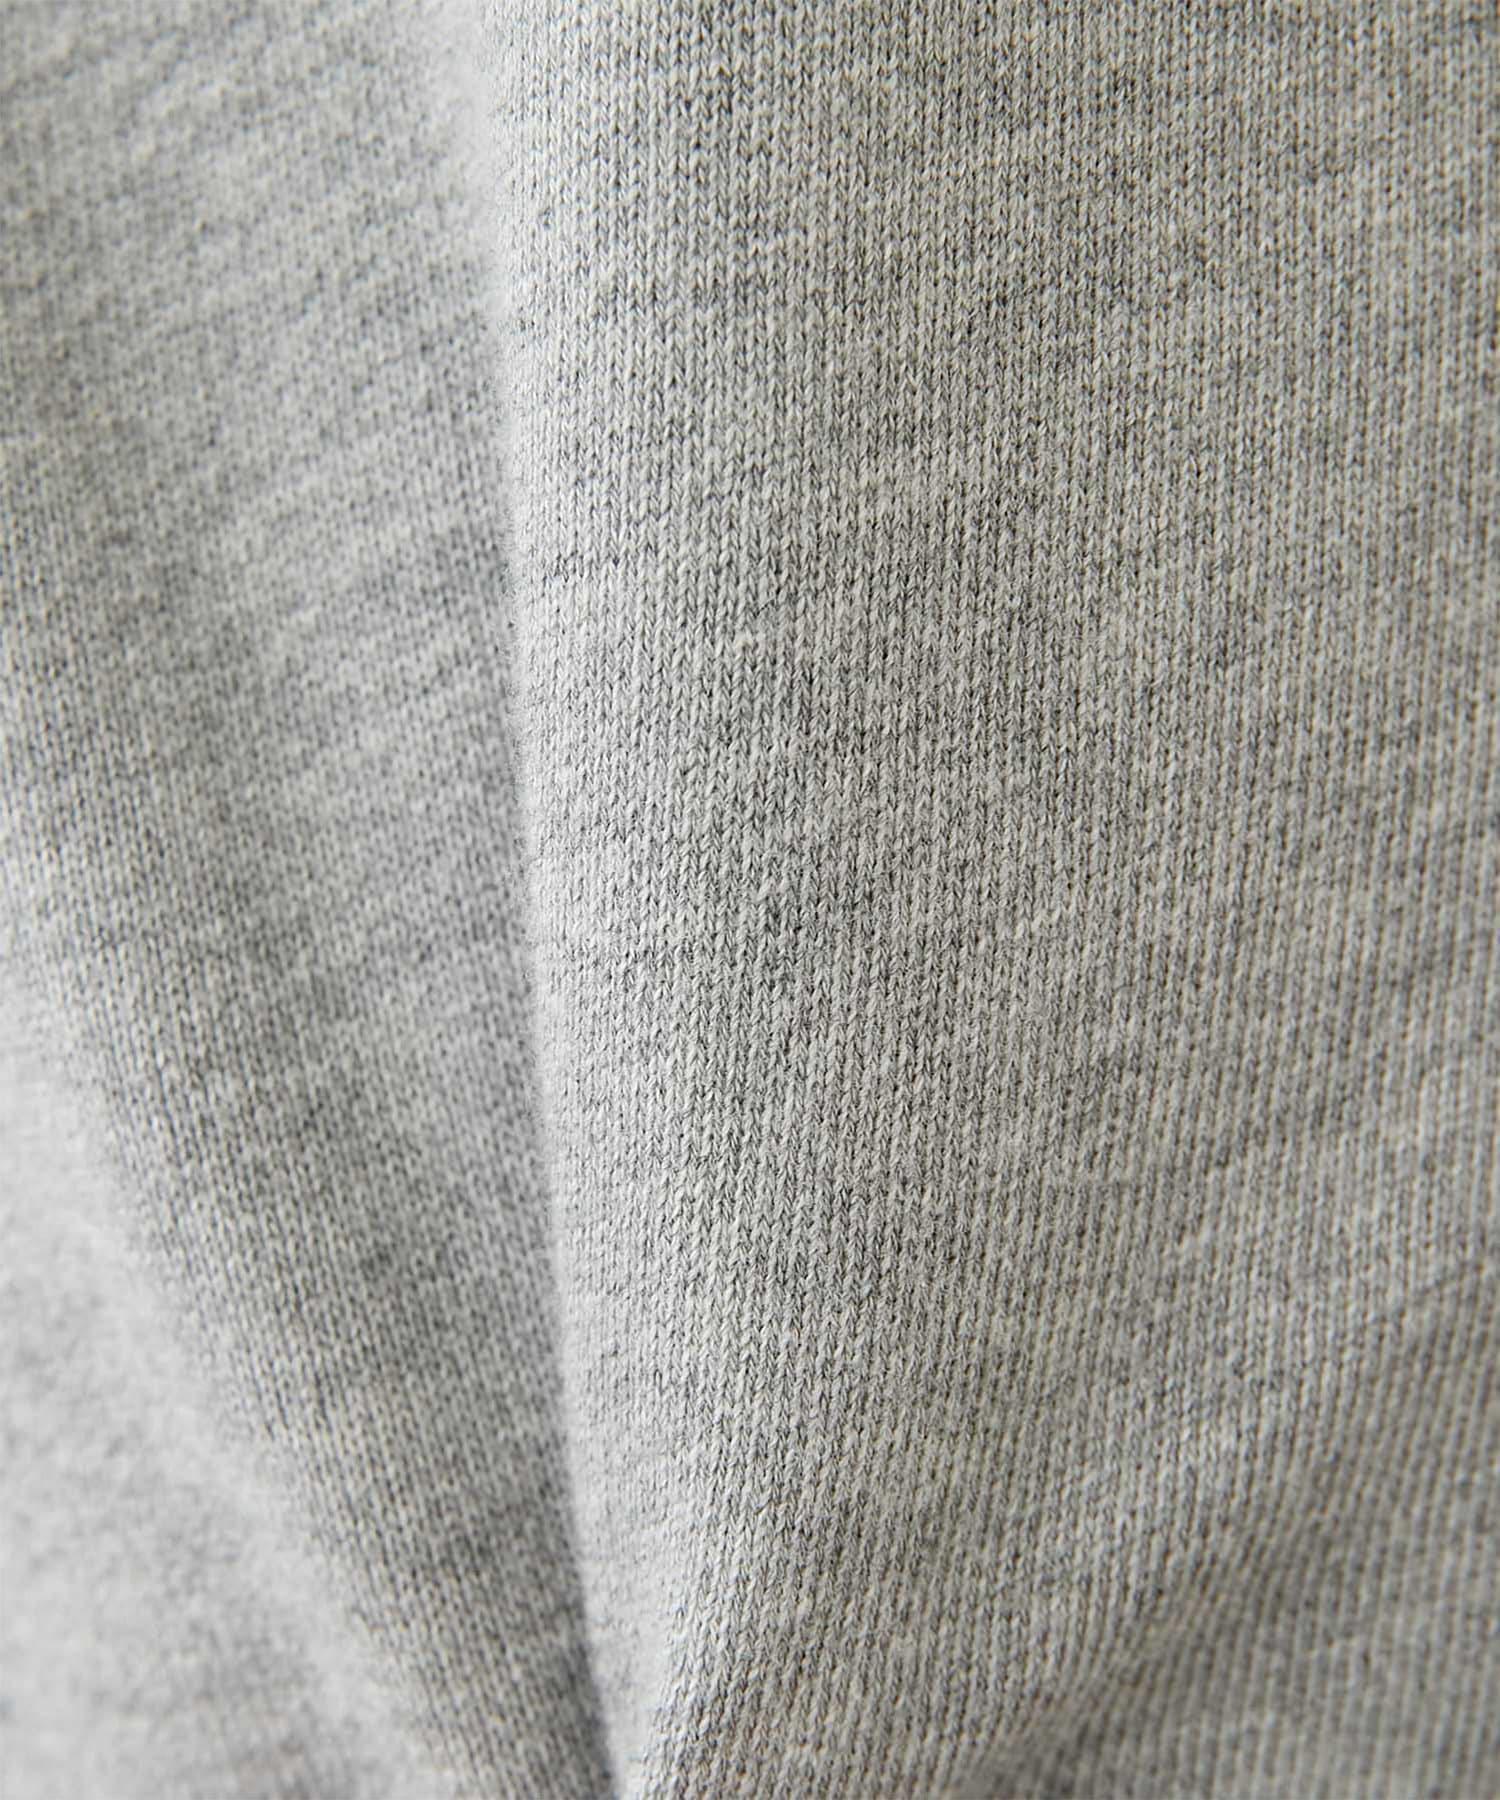 GALLARDAGALANTE(ガリャルダガランテ) ロゴ刺繍スウェットパンツ【オンラインストア限定商品】